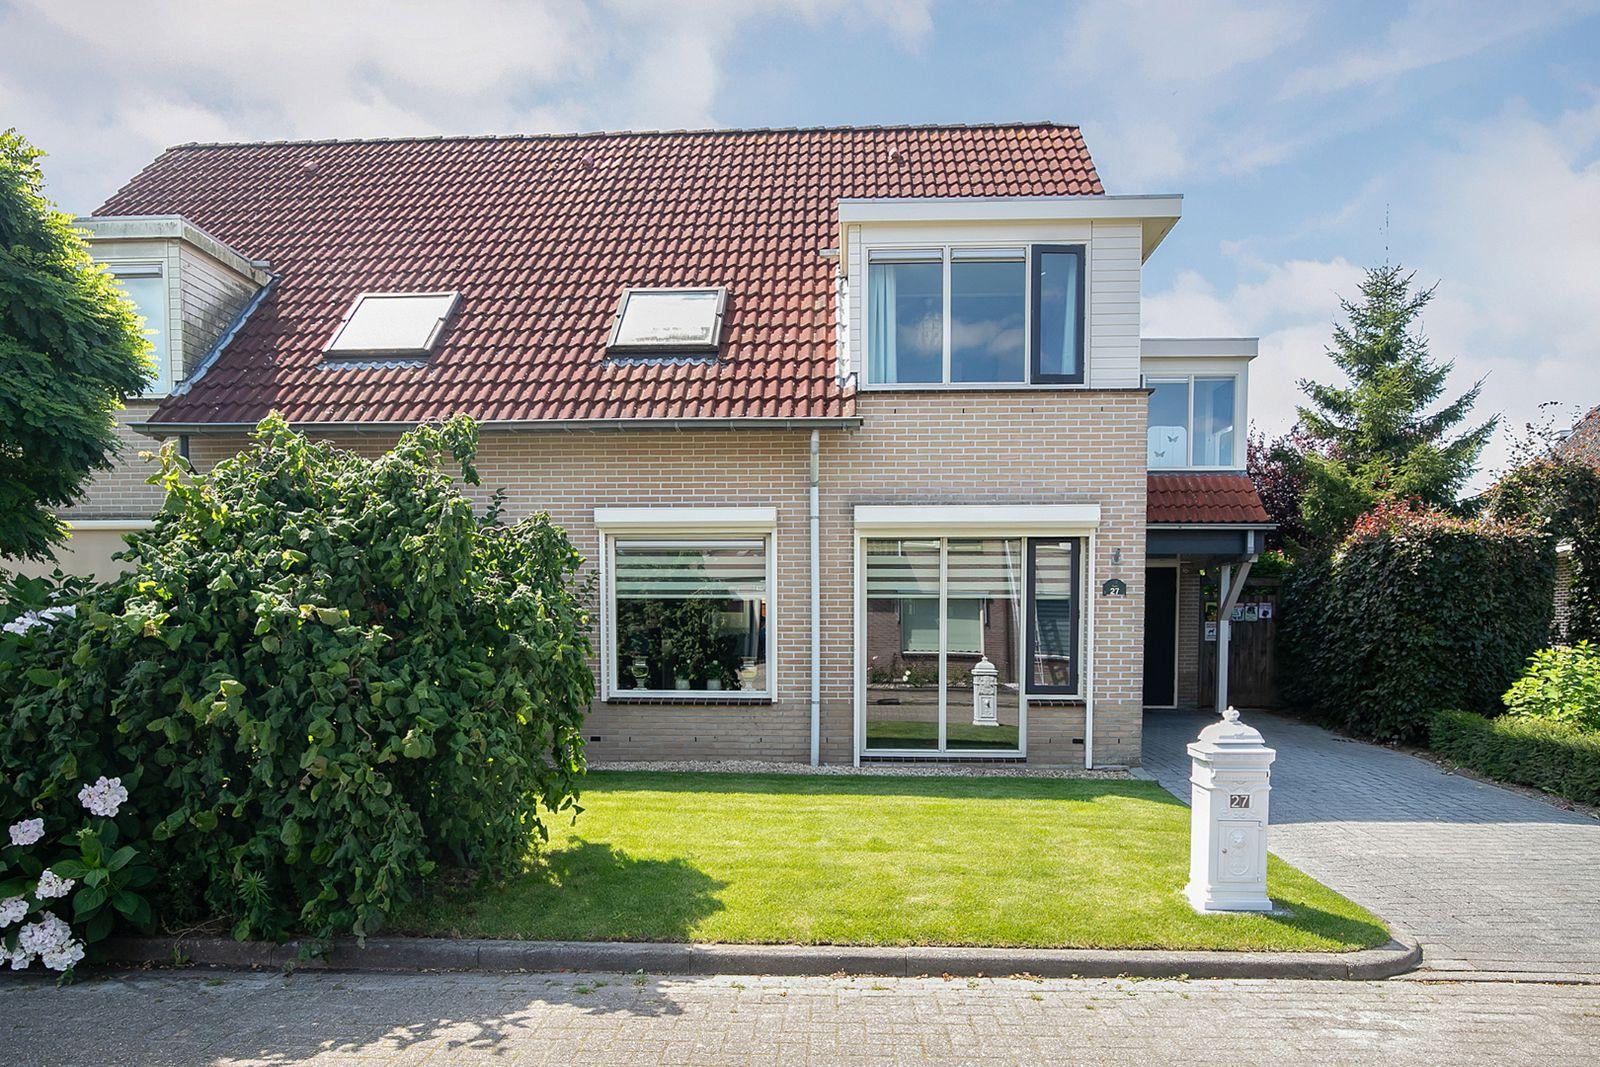 Plevierstraat 27, Veendam